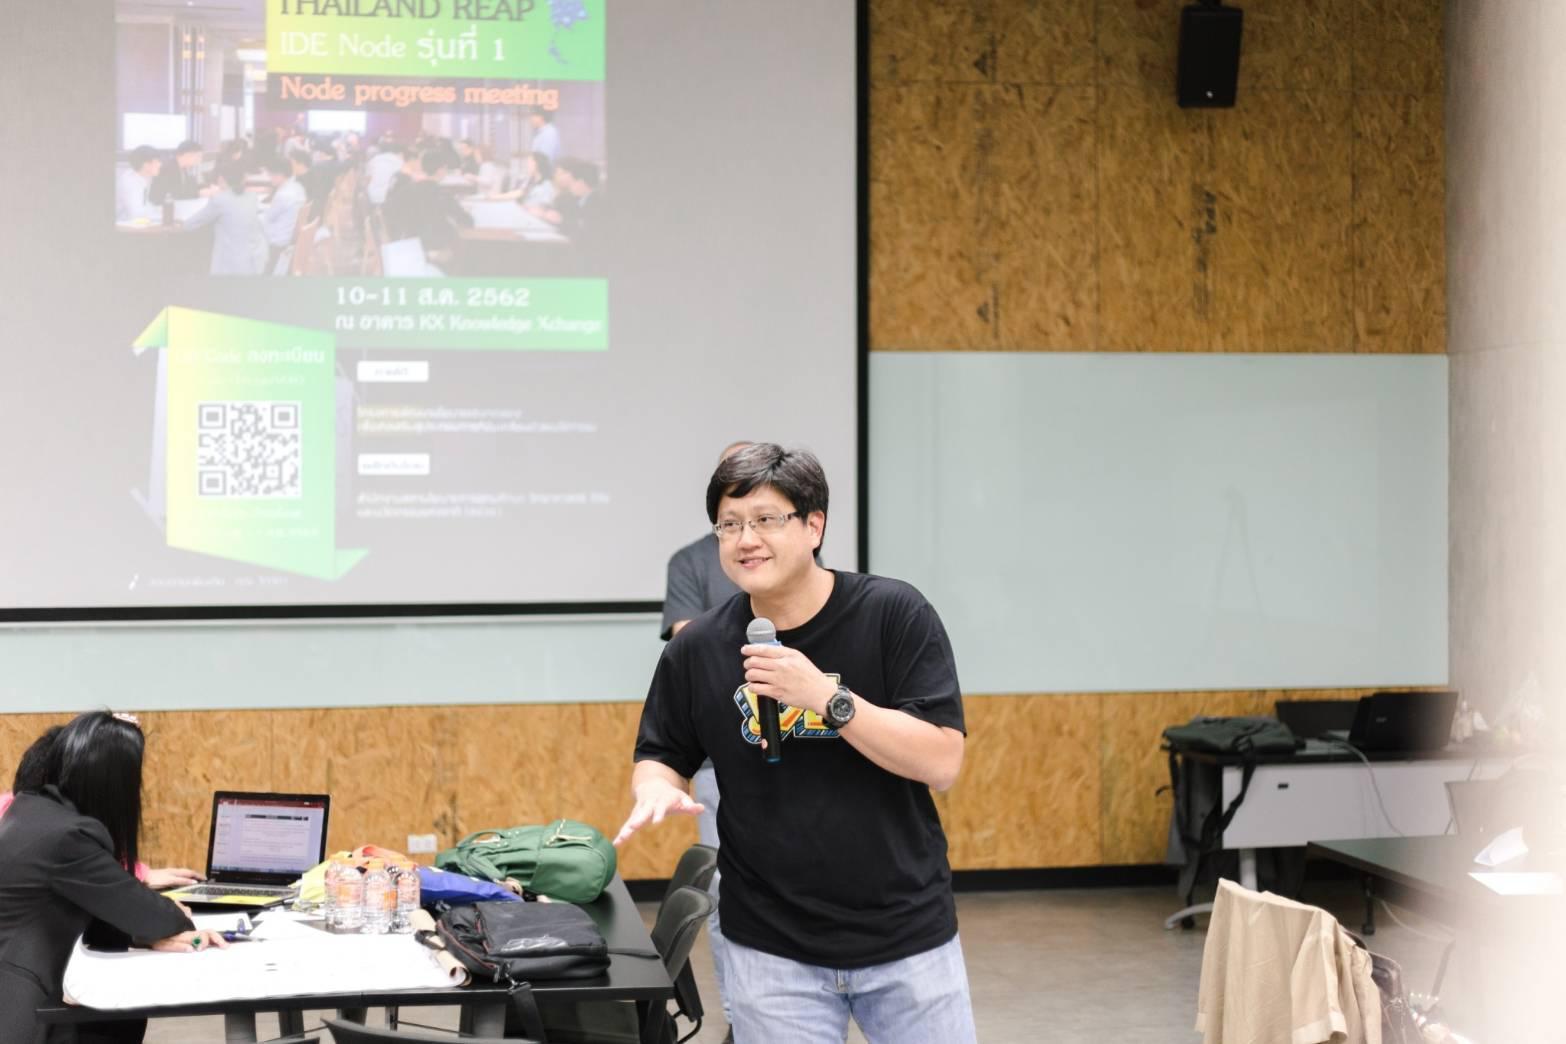 ม.หอการค้าไทย มุ่งสร้างชุมชนเครือข่ายผู้ประกอบการนวัตกรรมทั่วประเทศไทย